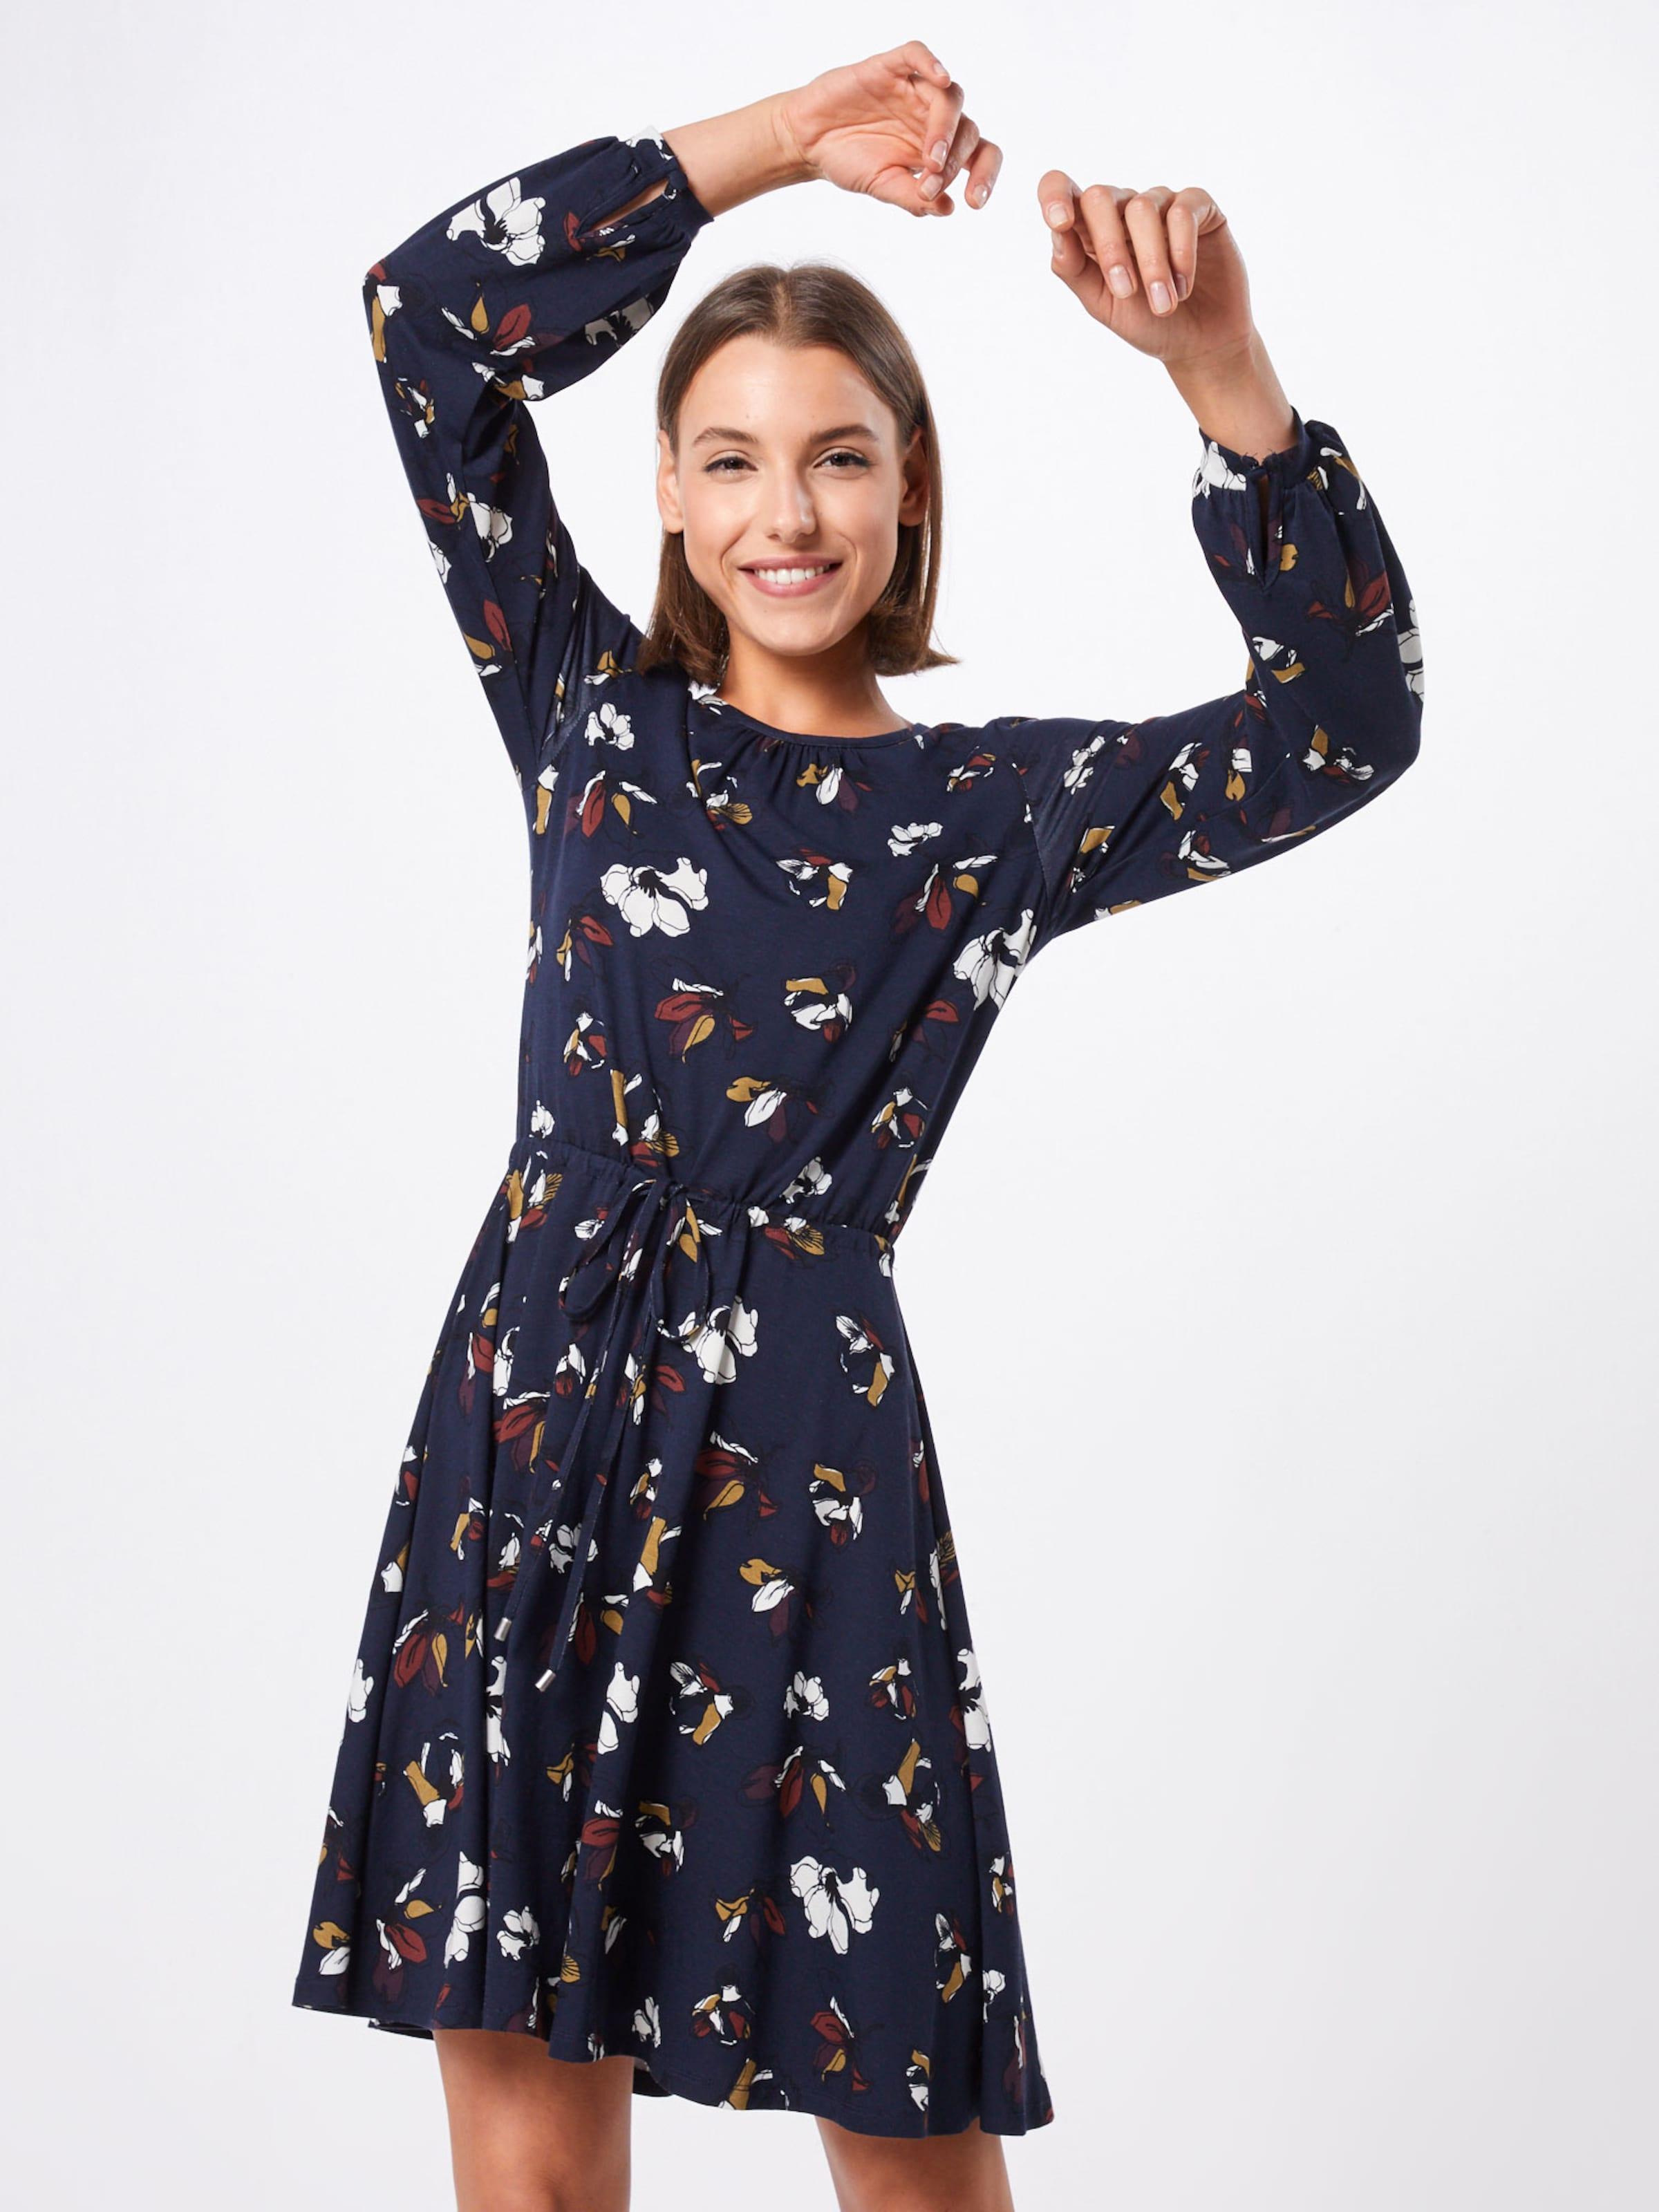 Knitted' Kleid In NavyMischfarben Esprit 'knit DressDresses oeCrdxBW